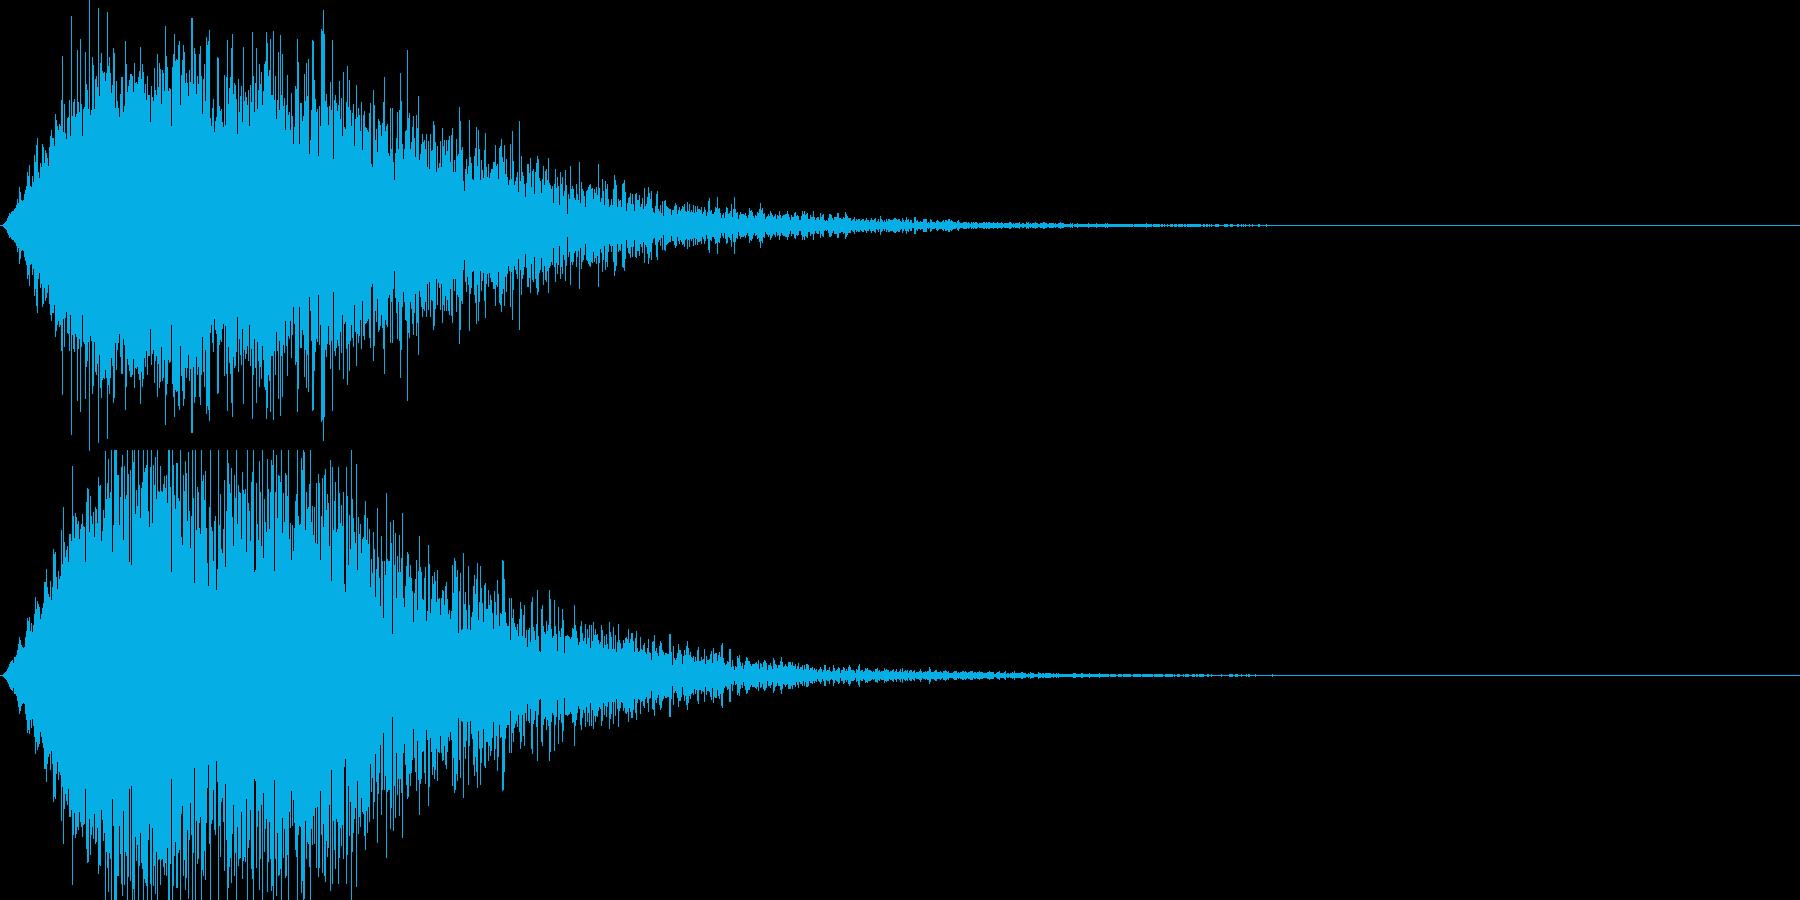 RPGゲーム魔法の呪文の音の再生済みの波形